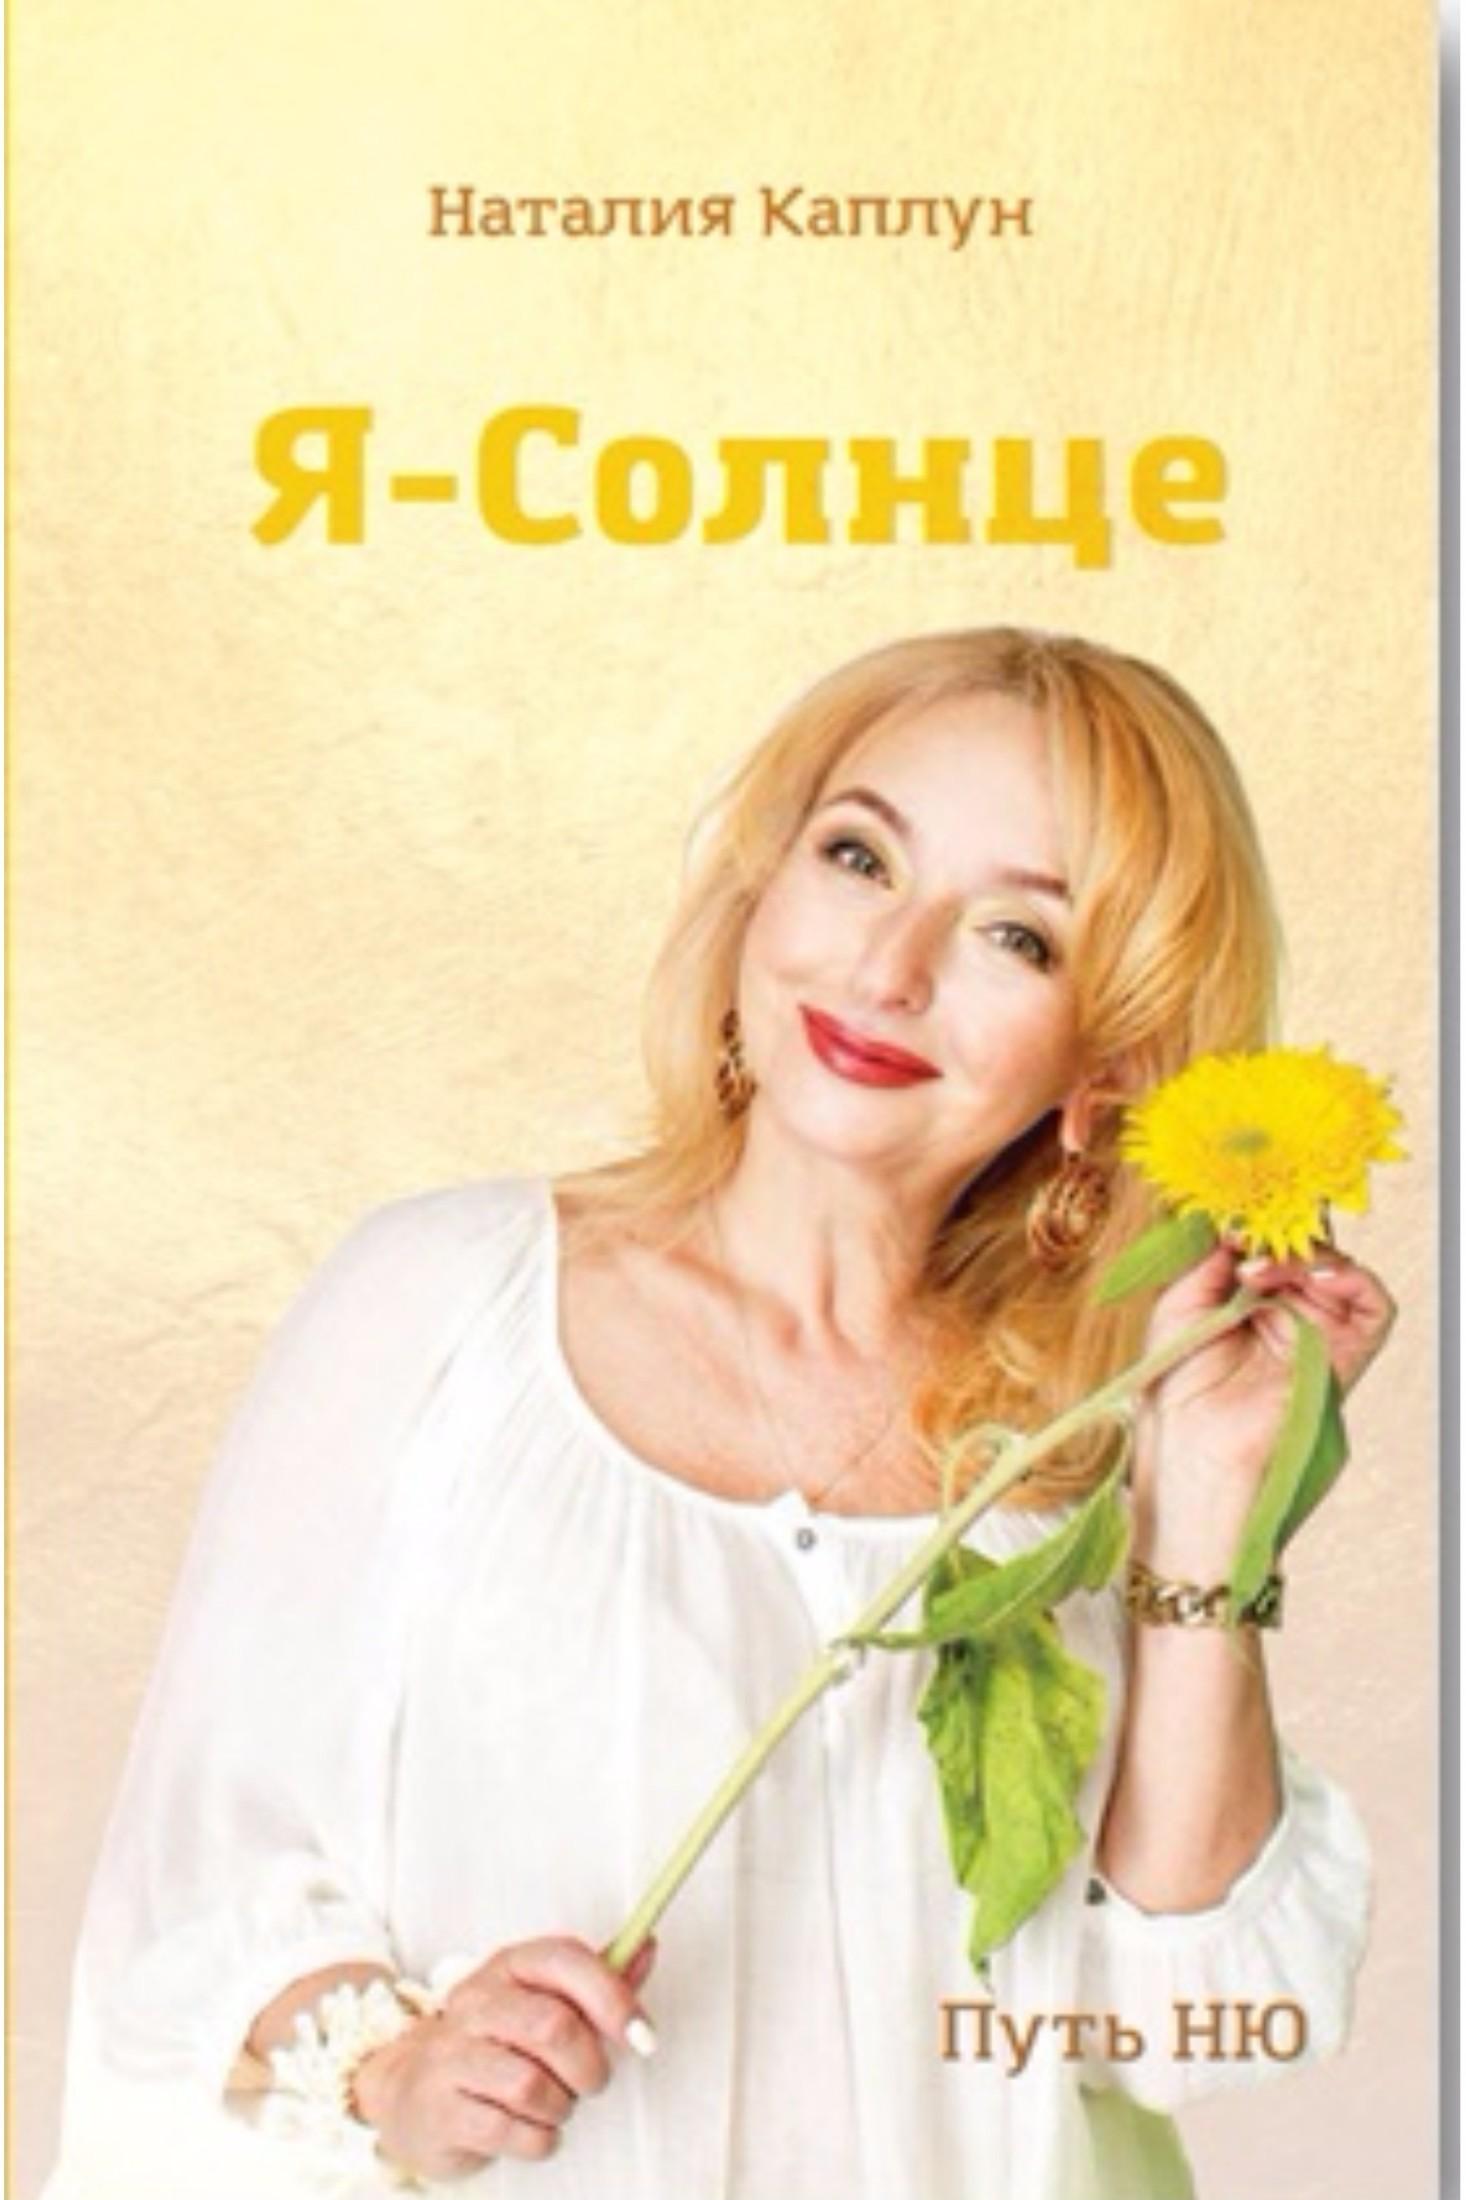 Наталия Каплун бесплатно